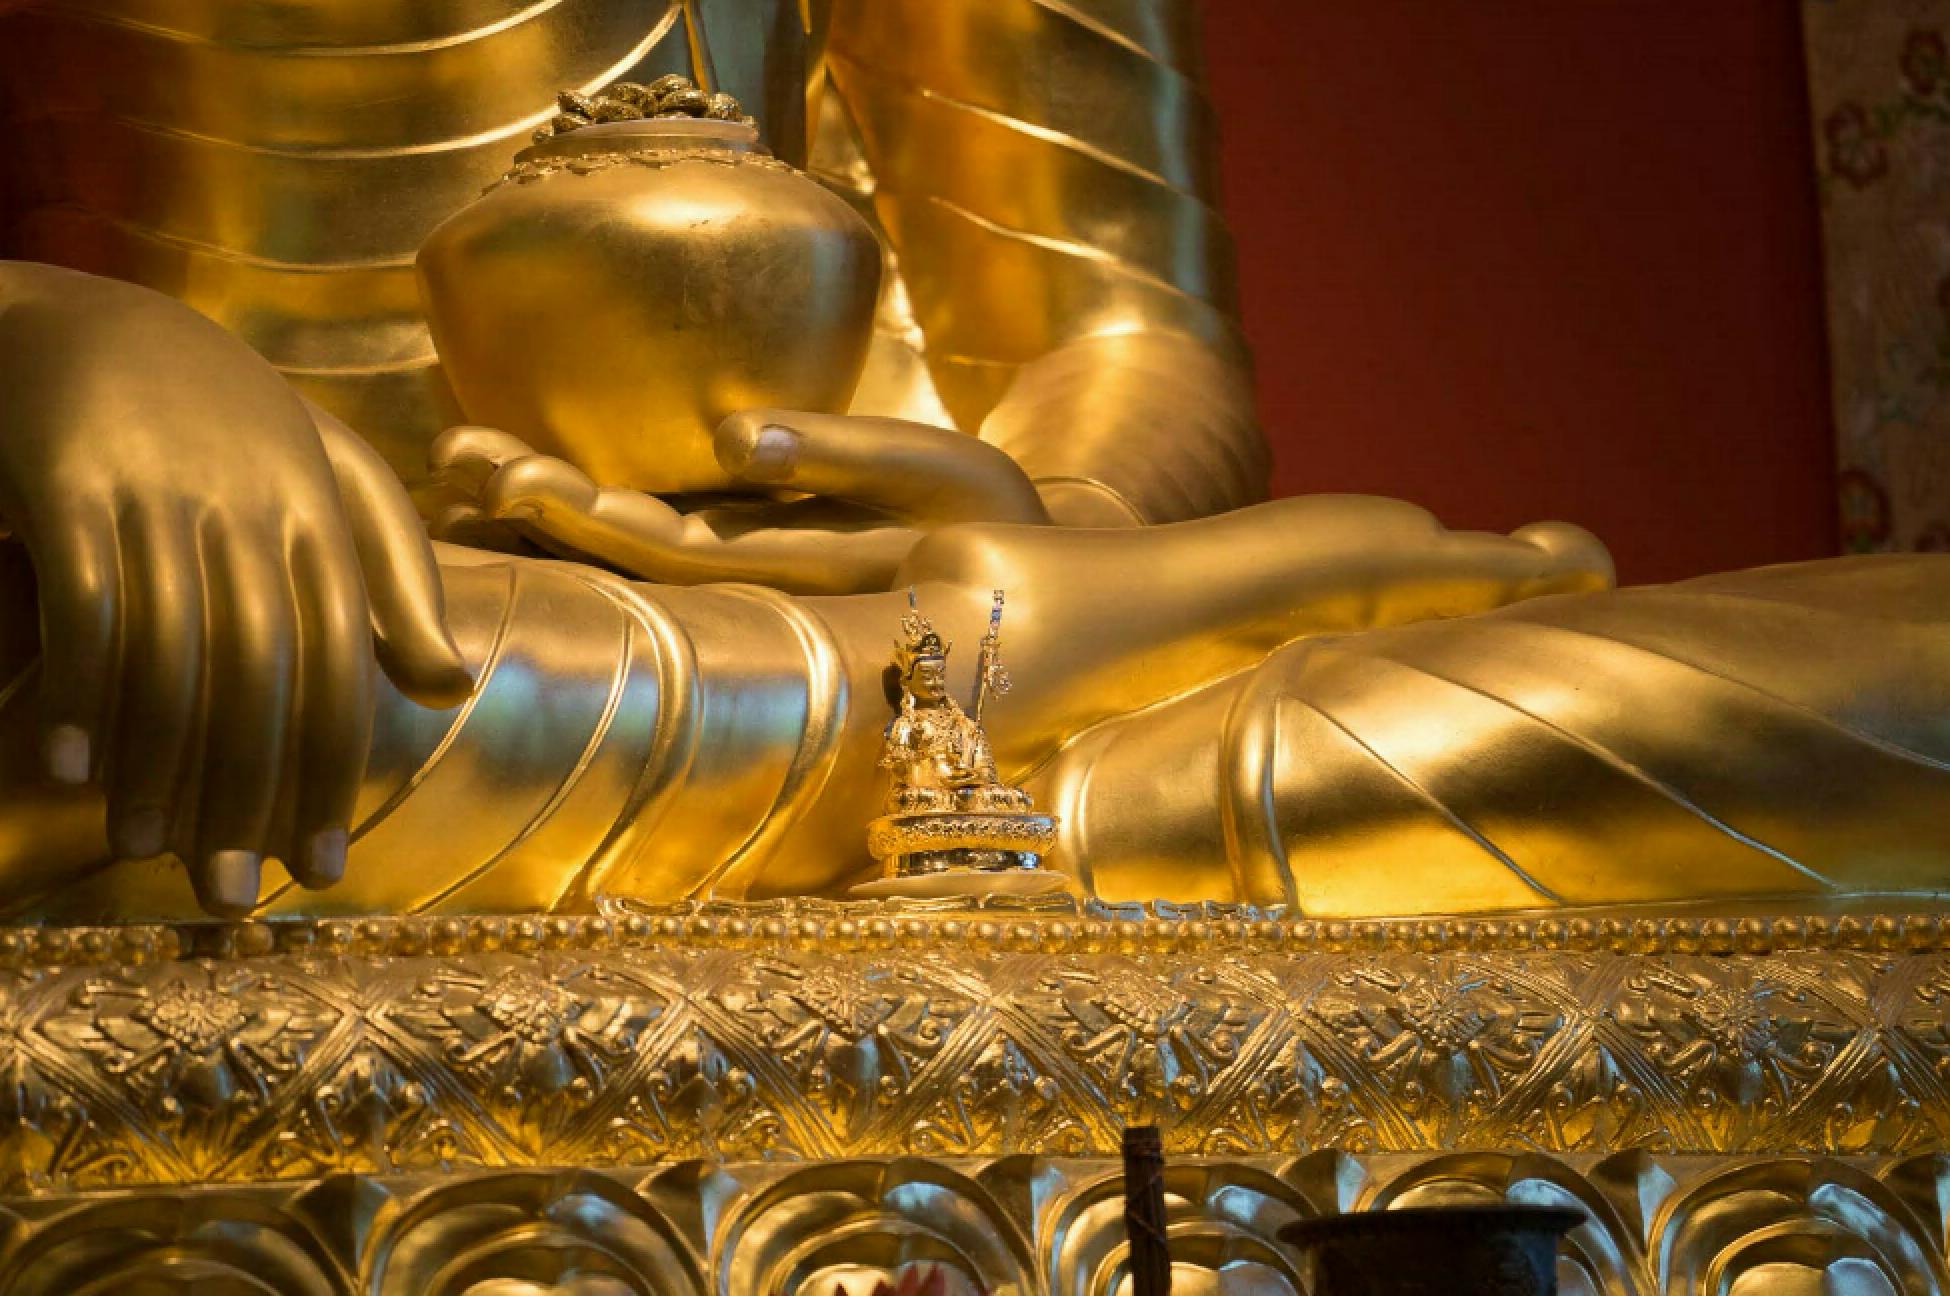 Guru Rinpoche Sieben Punkte des Geistestraining, Dharma Mati Berlin (Mai 2018)